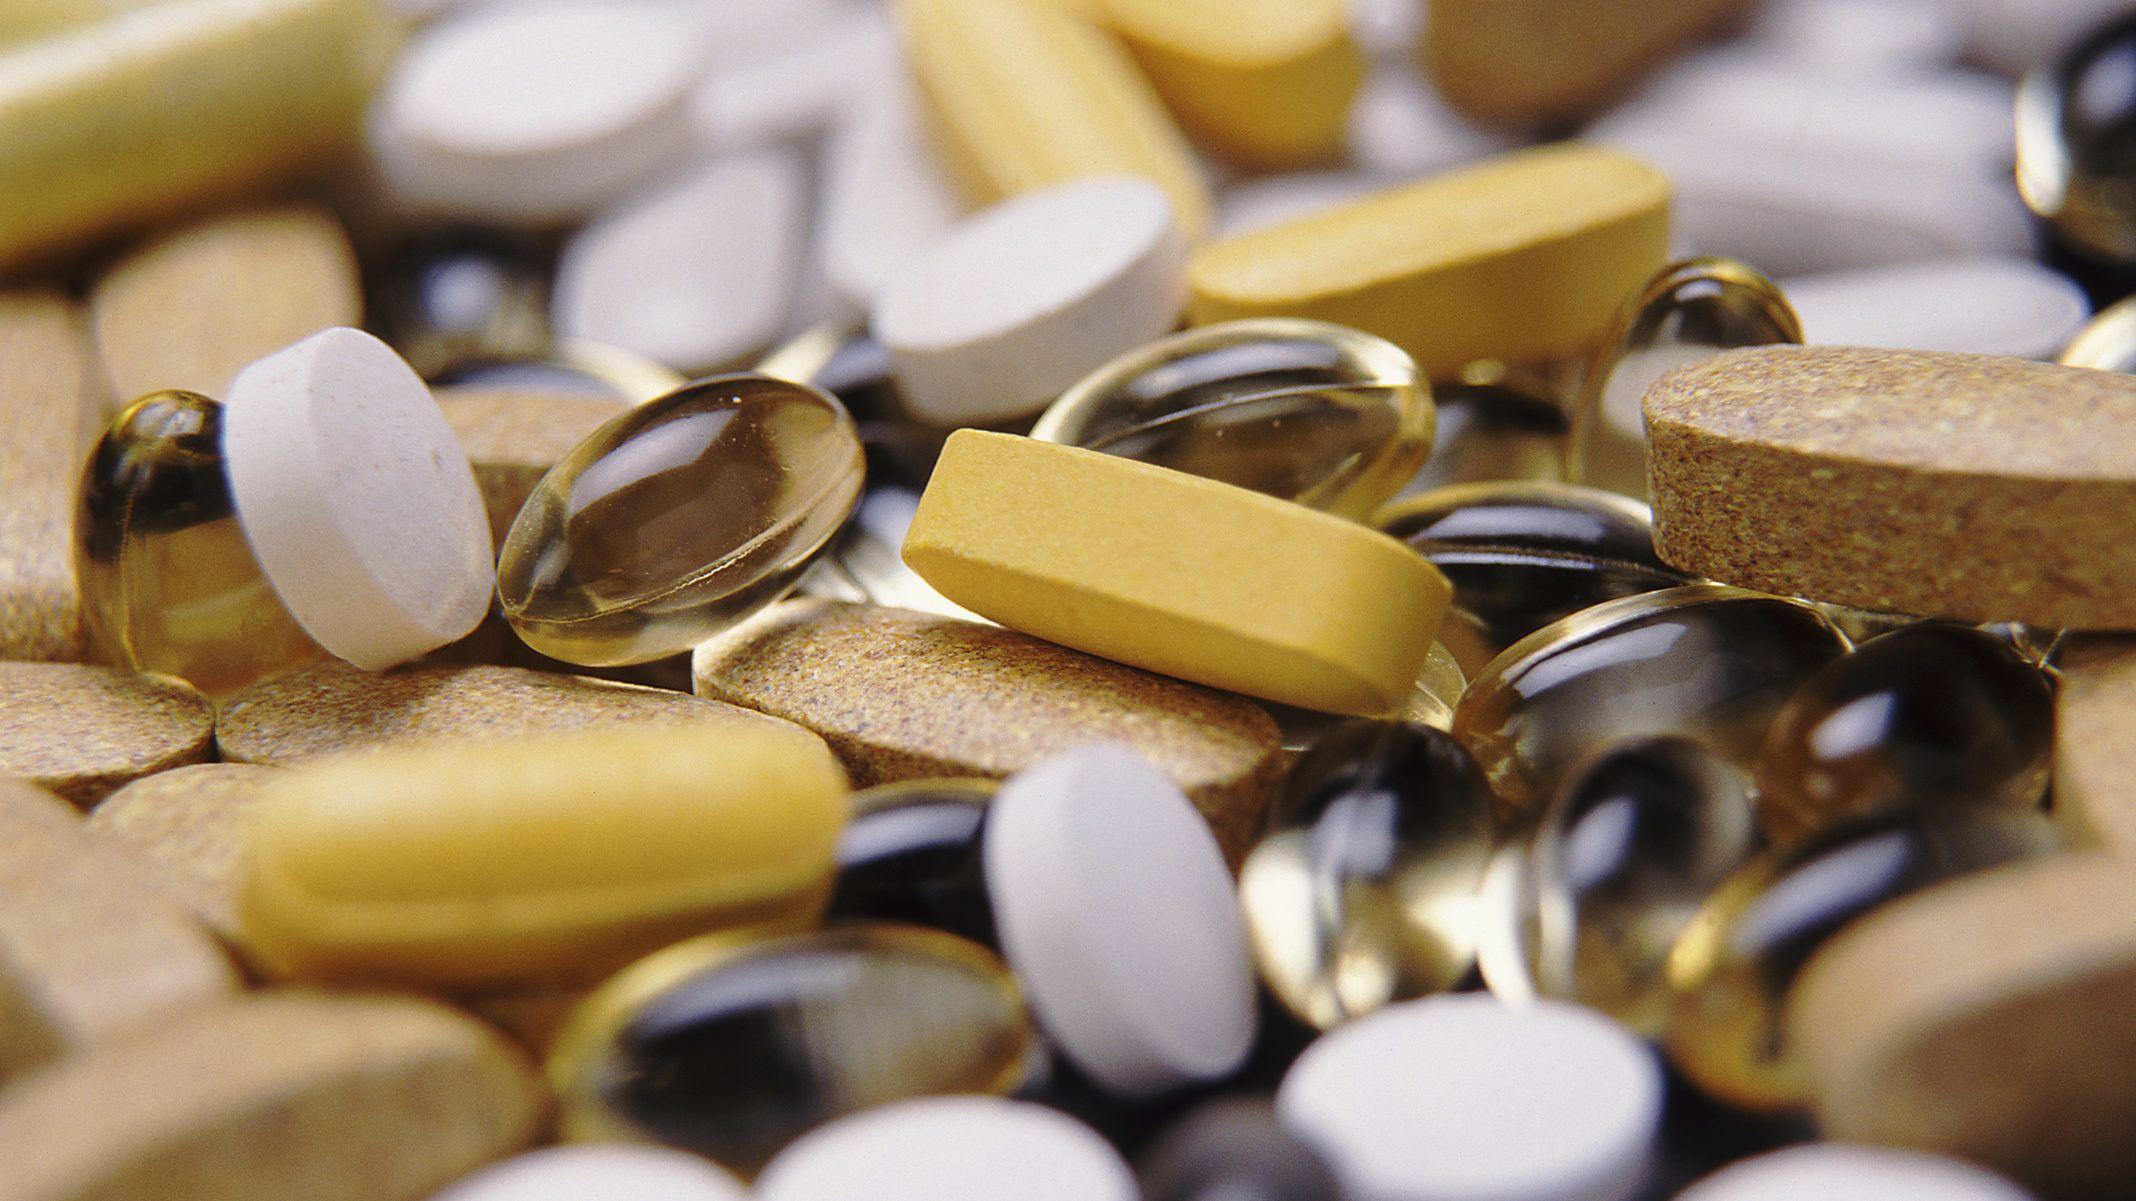 hazai gyógyszerek pikkelysömörhöz gélek és samponok pikkelysömör ellen